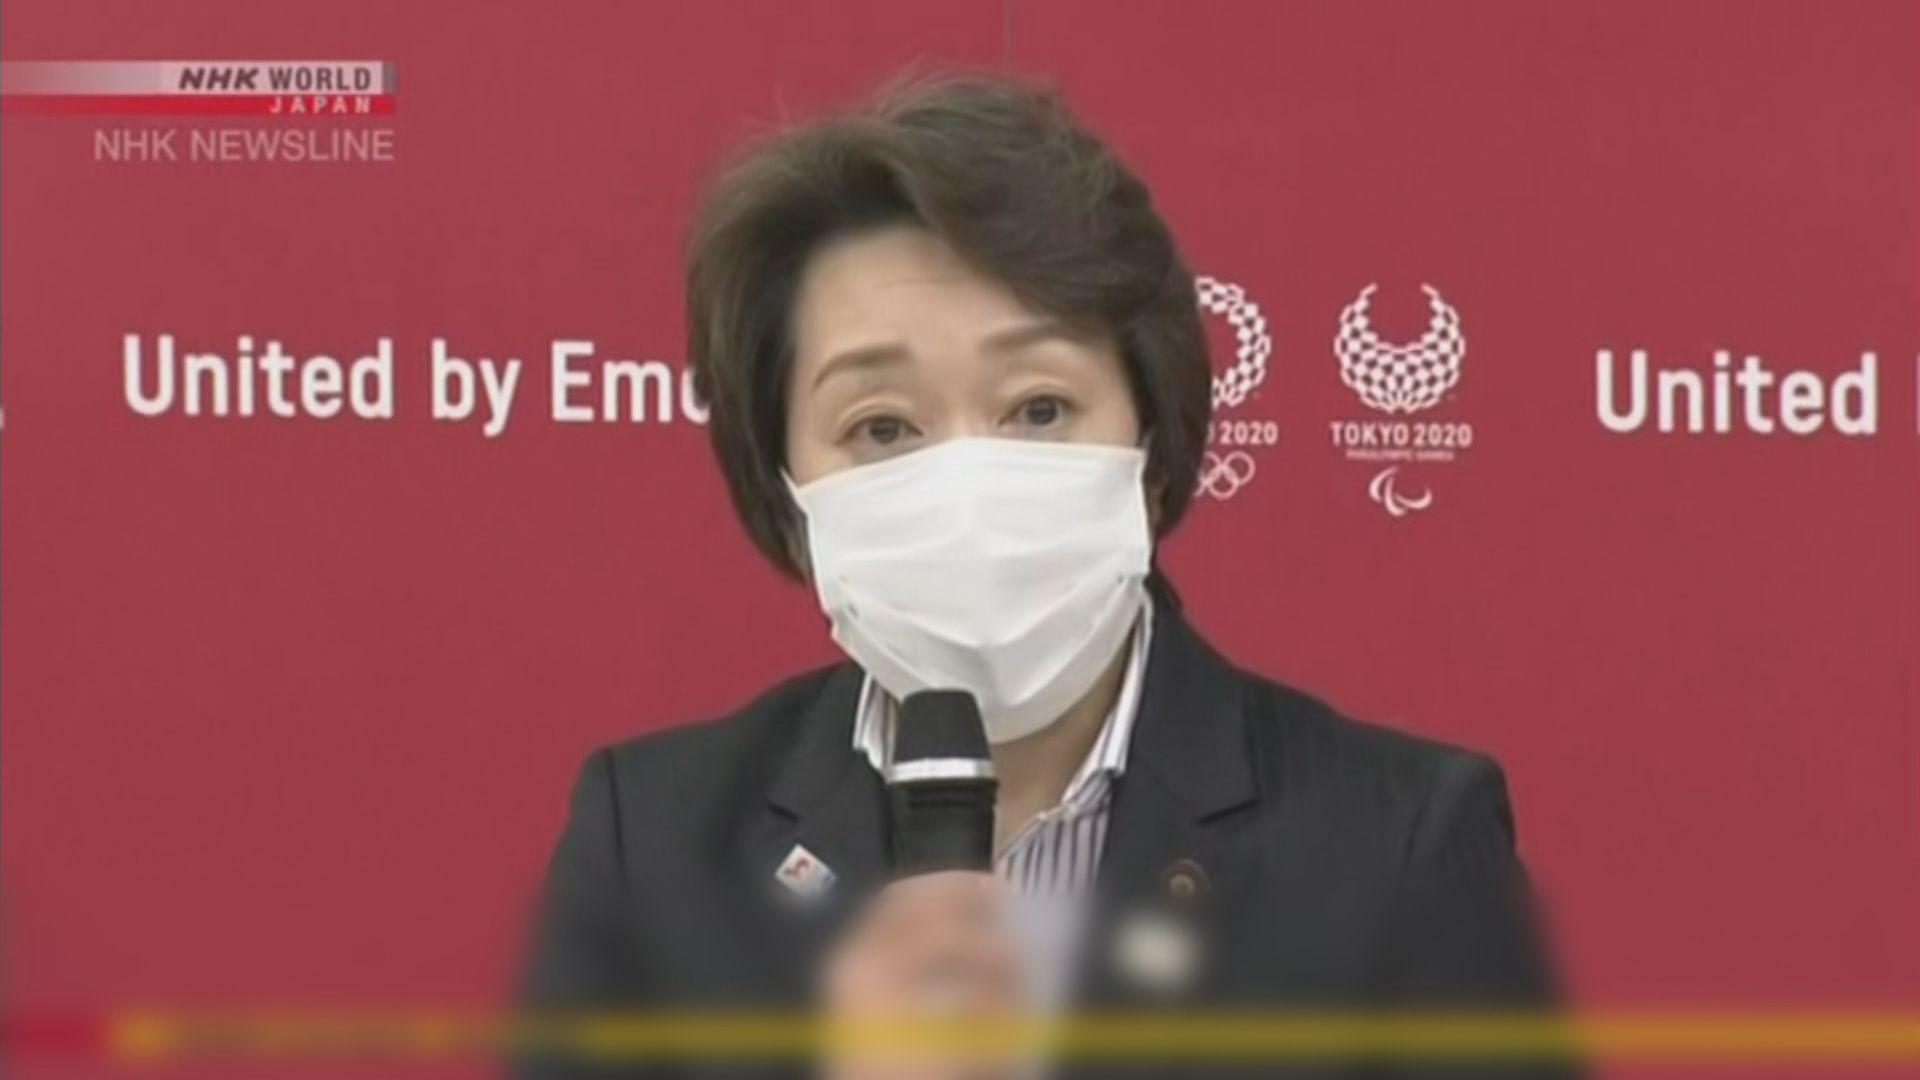 橋本聖子任東京奧組委主席 承諾舉辦安心安全東京奧運